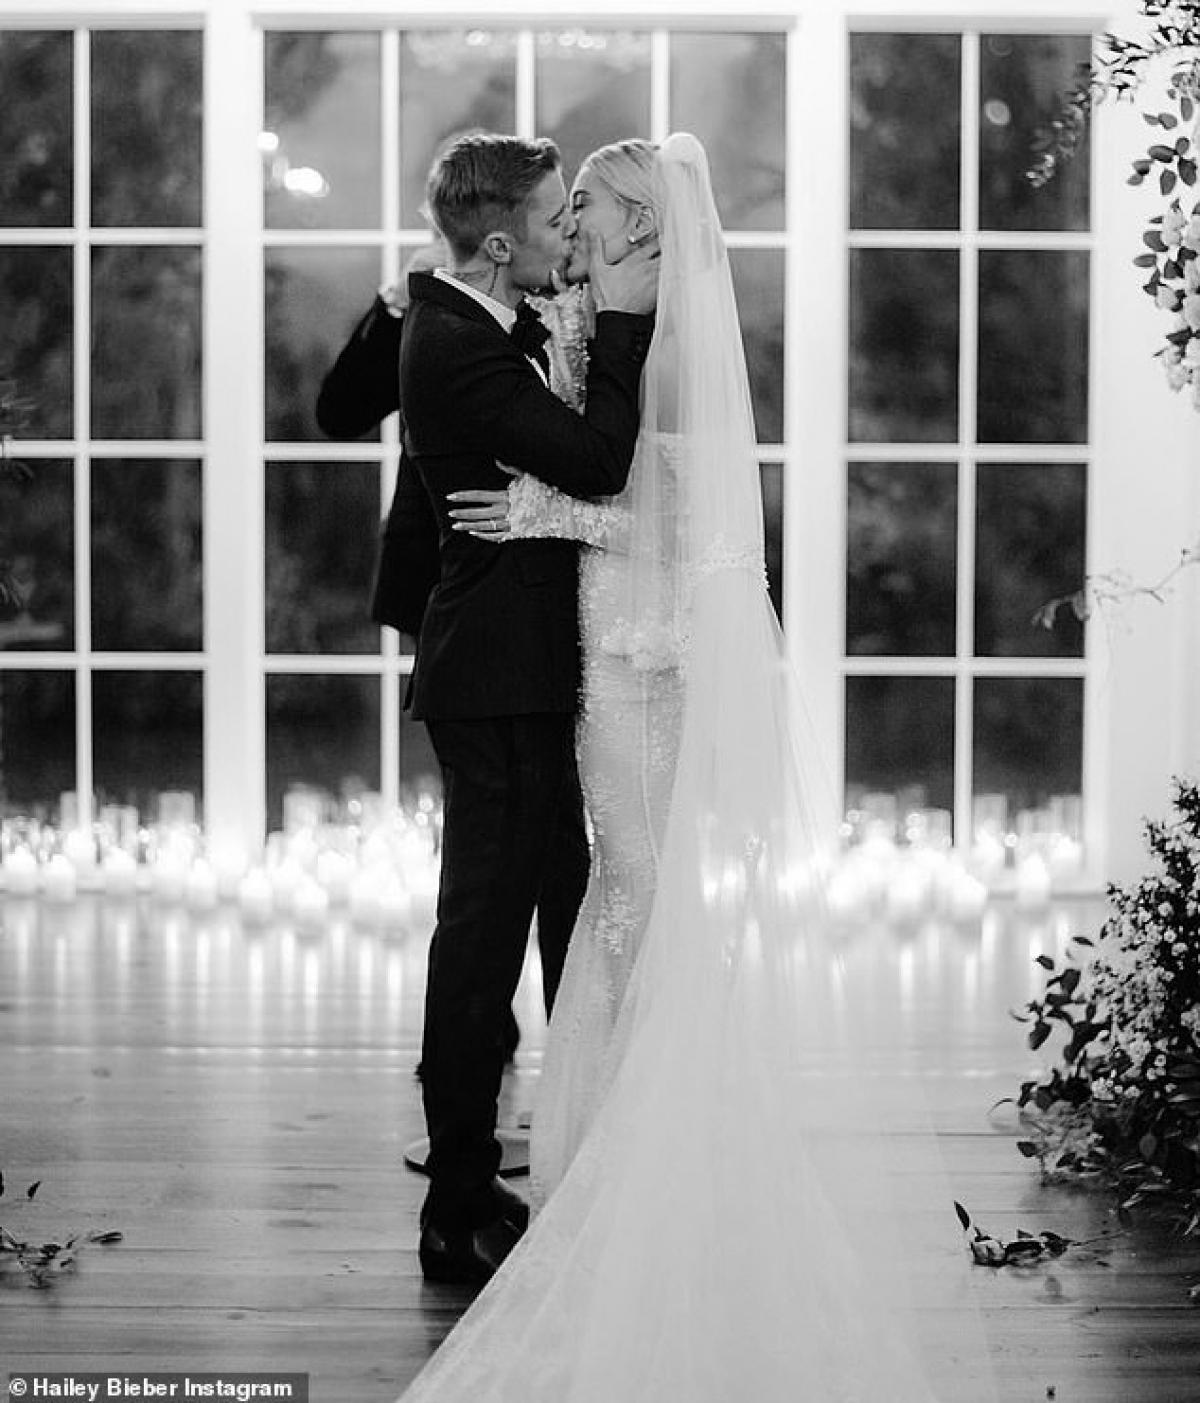 Trên trang cá nhân, vợ chồng ca sĩ Justin Bieber cũng đăng tải những hình ảnh trong ngày cưới cách đây một năm ở khu resort Montage Palmetto Bluff, Nam Carolina (Mỹ)./.